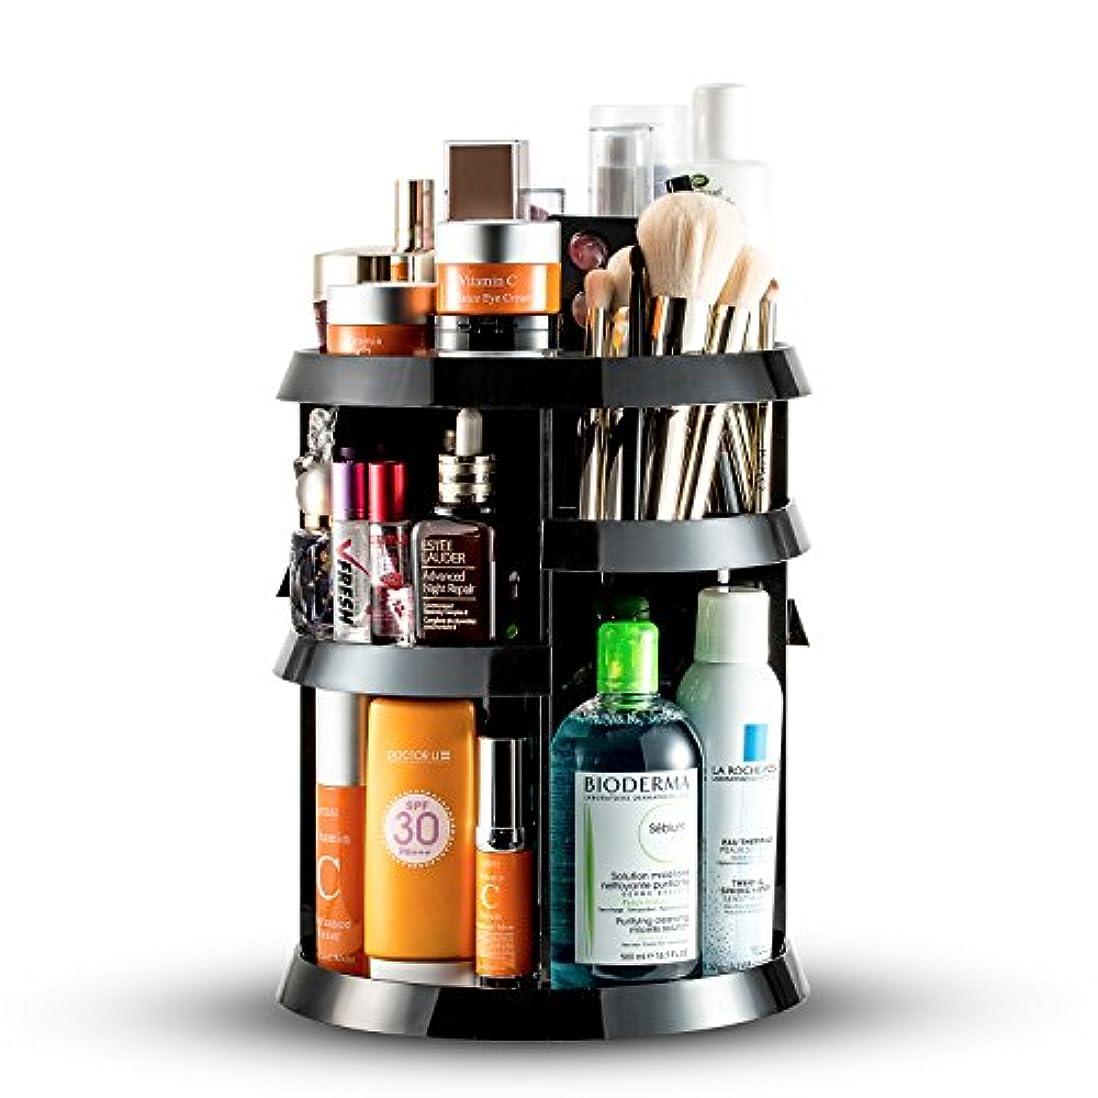 大理石運命的なデンマーク360度回転メイクオーガナイザー、調節可能な多機能化粧品収納ボックス、ディスプレイスタンド、7層、メイクアップ、トナー、クリーム、メイクブラシ、リップスティックなど(ブラック)